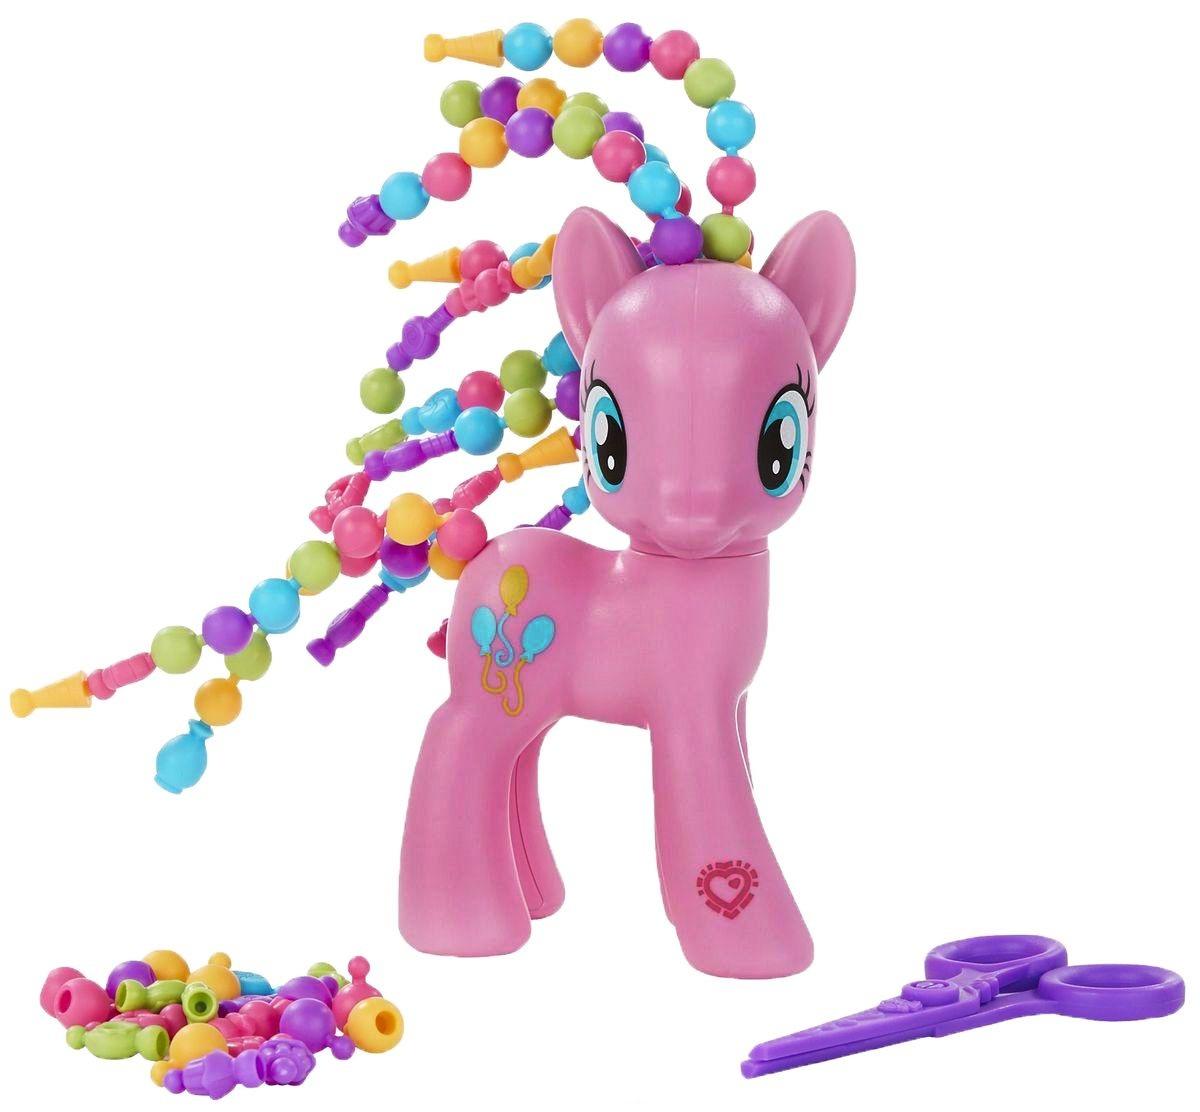 Игровой набор My Little Pony Пони с разными прическами - Пинки ПайМоя маленькая пони (My Little Pony)<br>Игровой набор My Little Pony Пони с разными прическами - Пинки Пай<br>